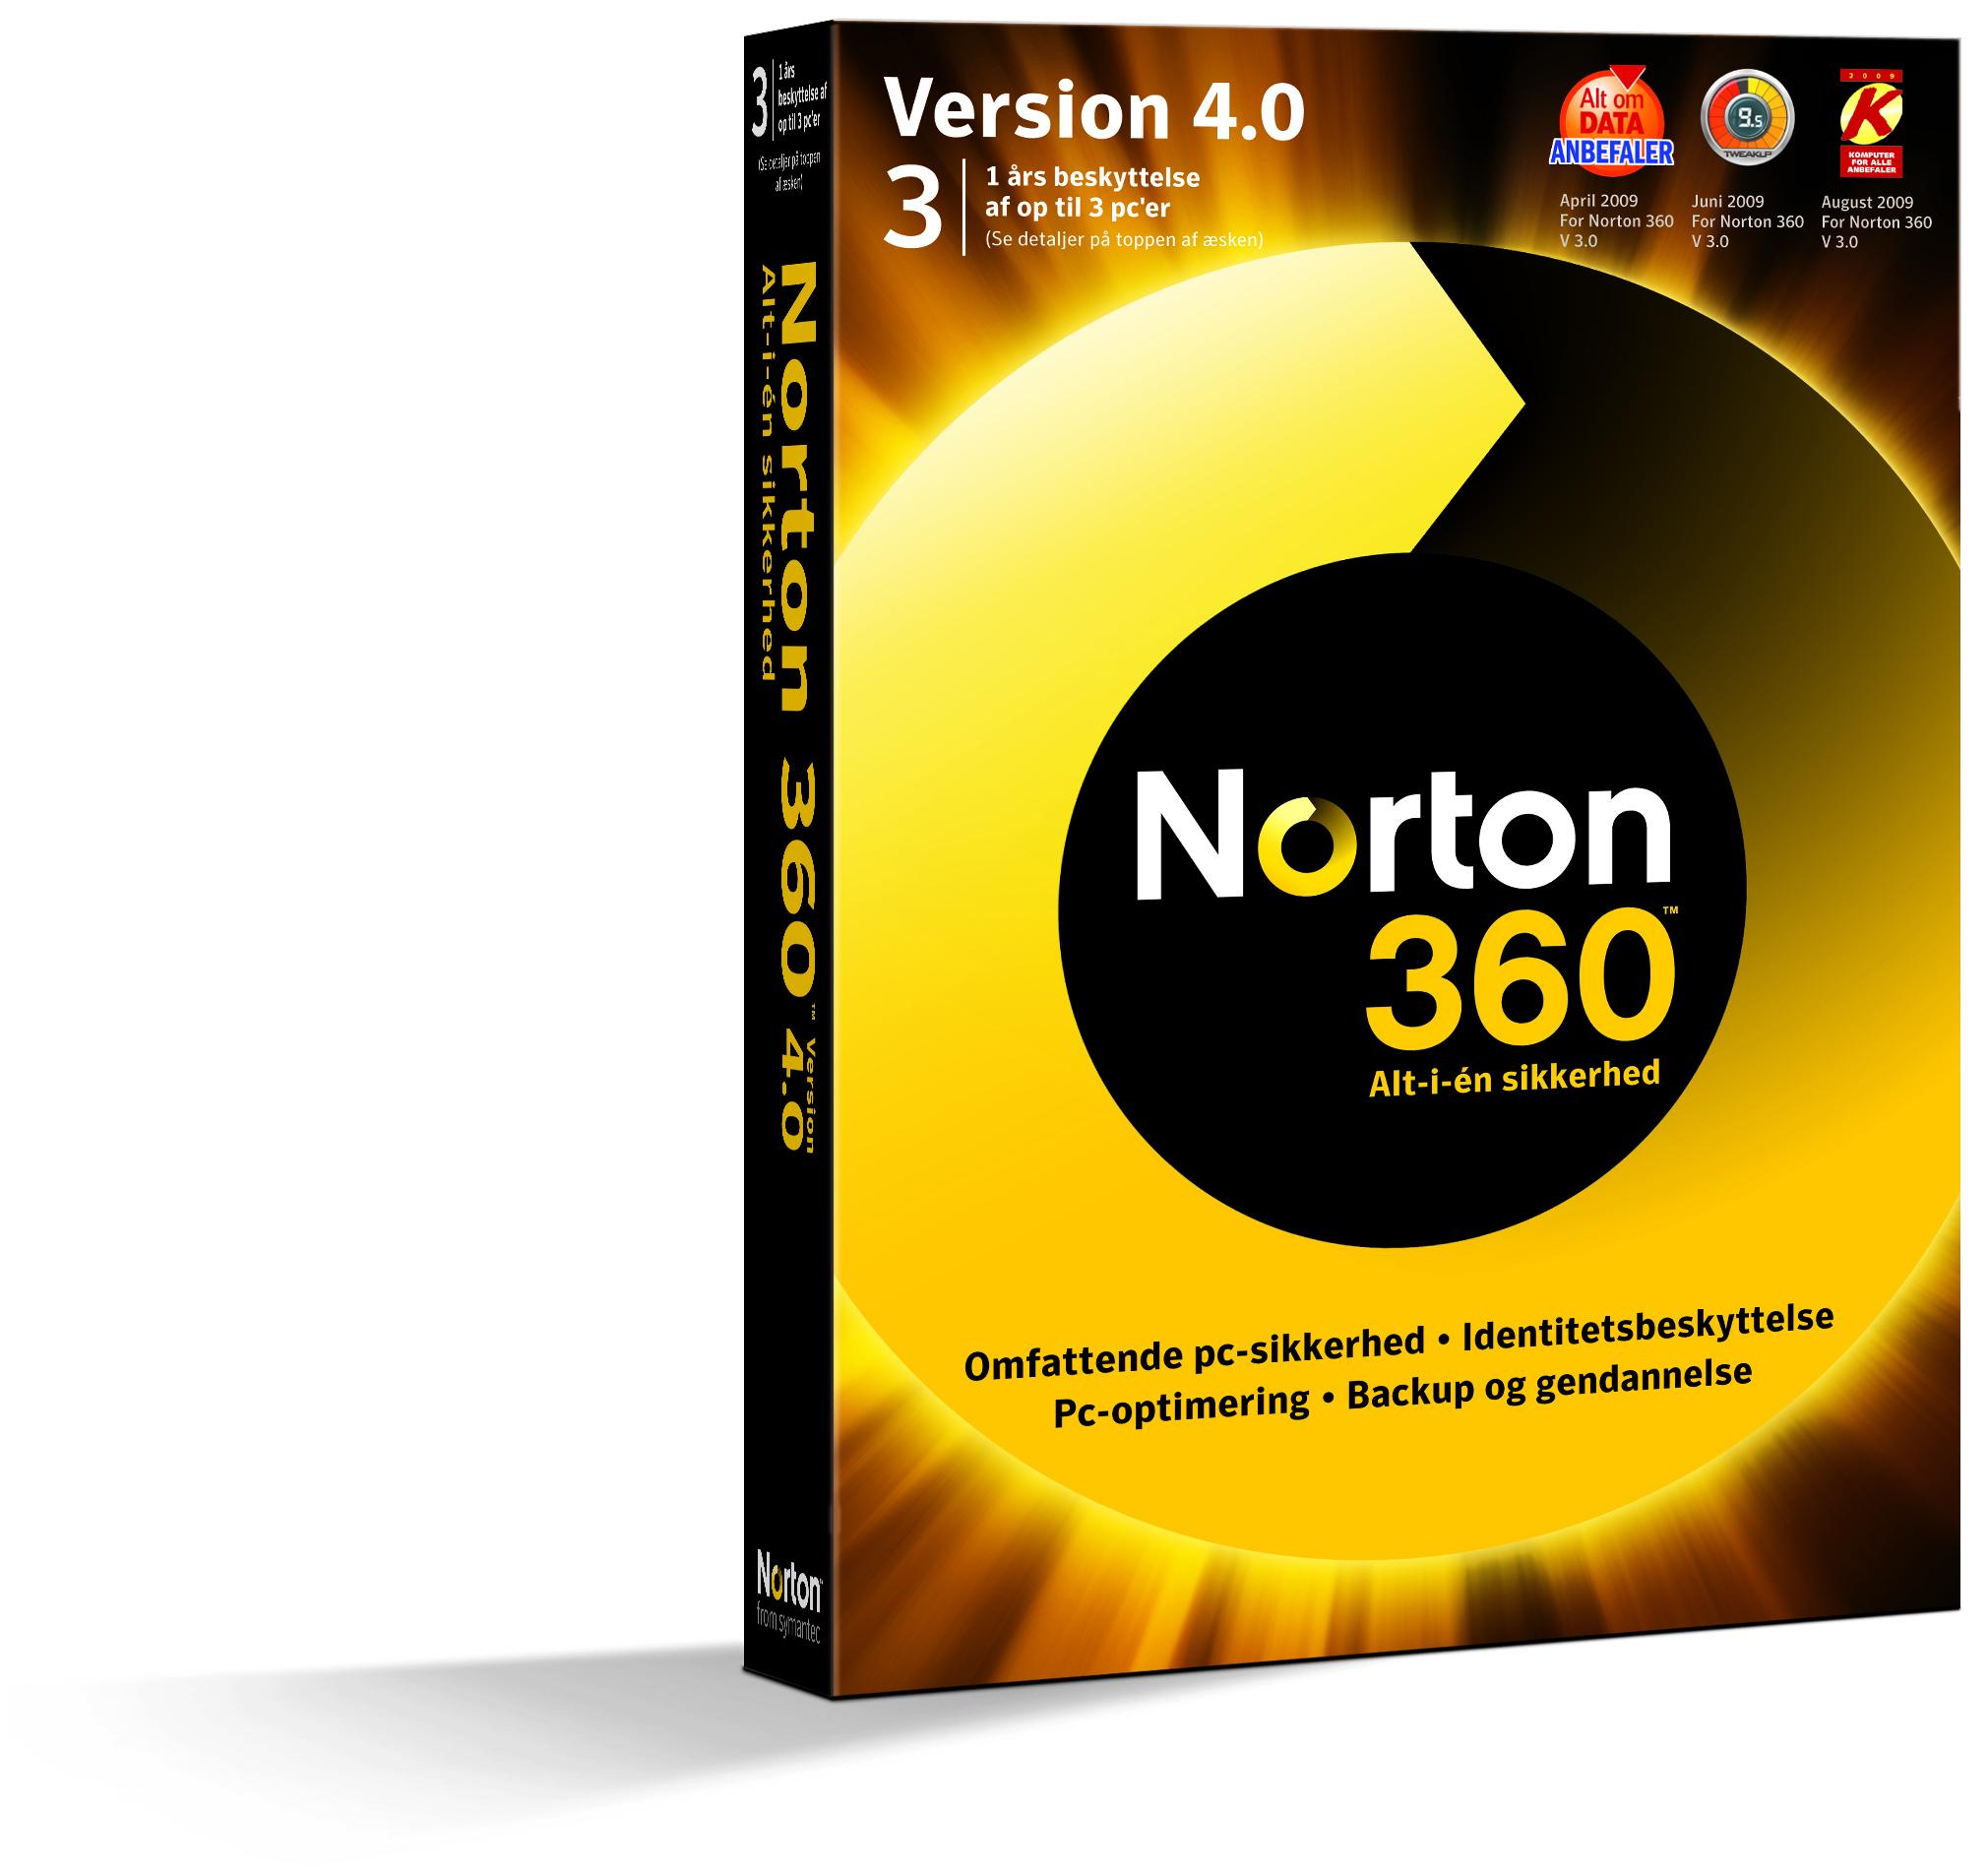 Антивирус Symantec NORTON 360 4.0 RET  (20958237) 1 USER 3 PC Русская